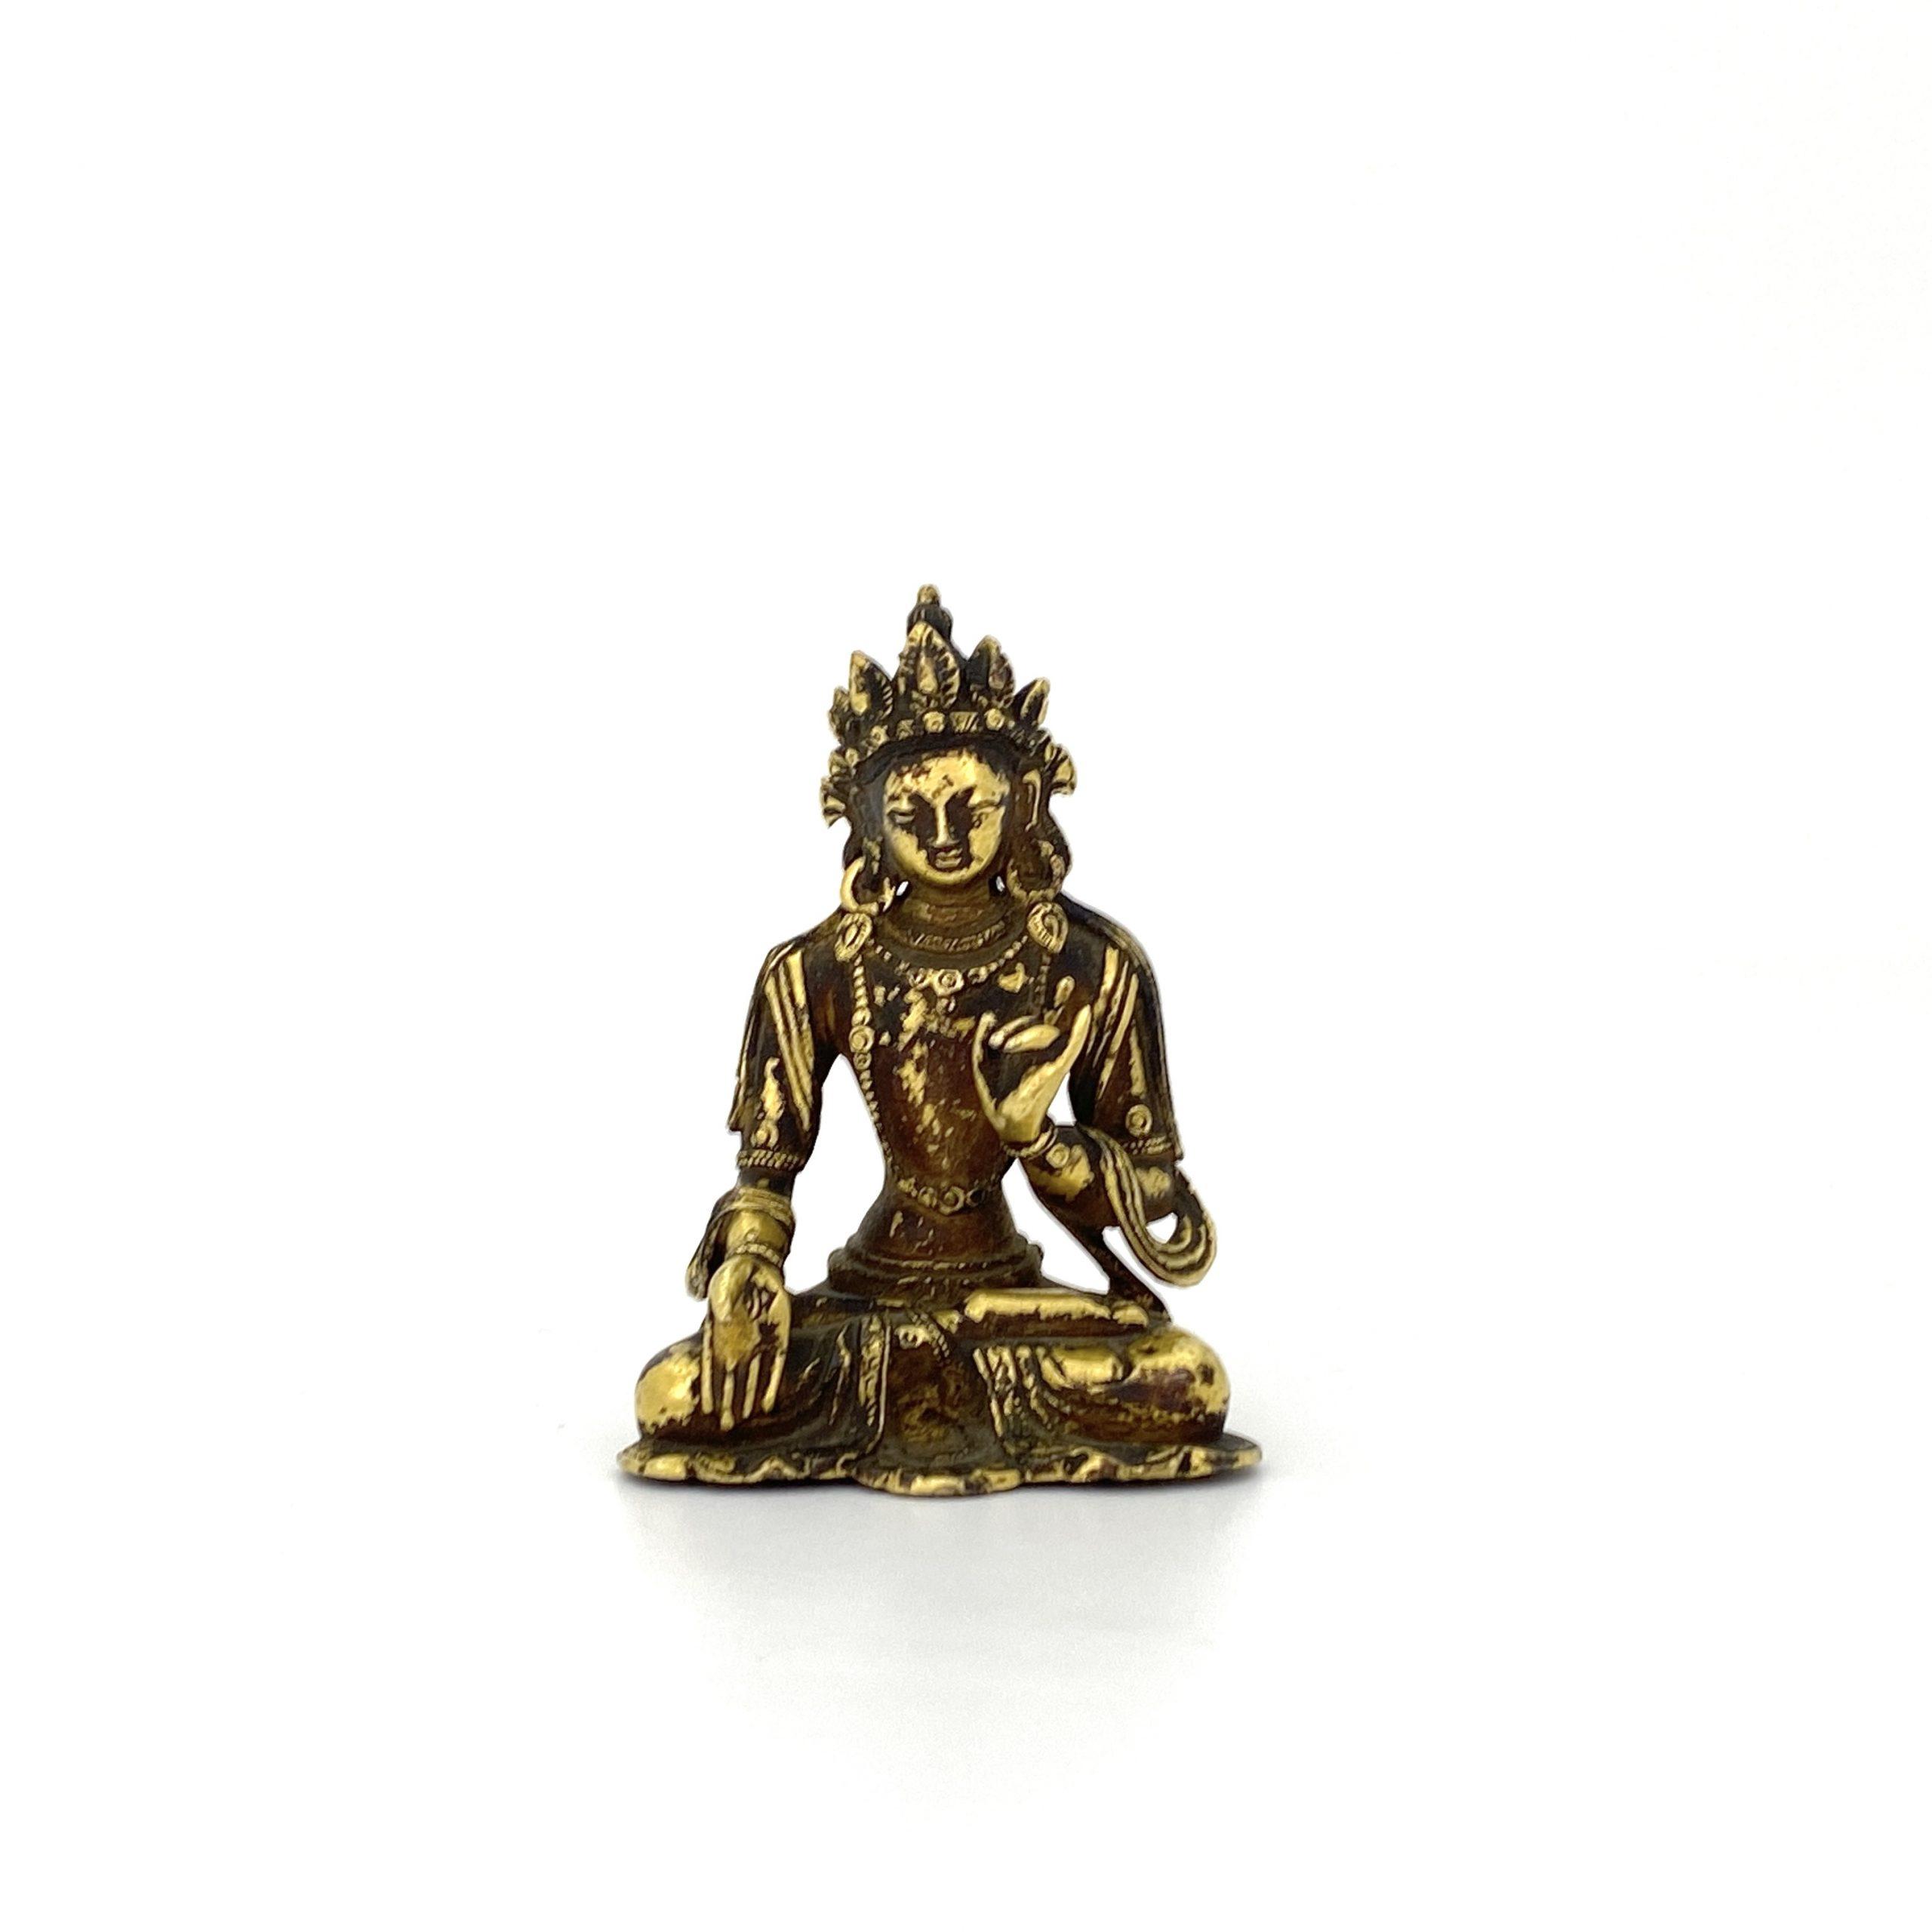 21697清十七 /十八 銅鎏金 菩薩坐像 第17回網頁掲載品